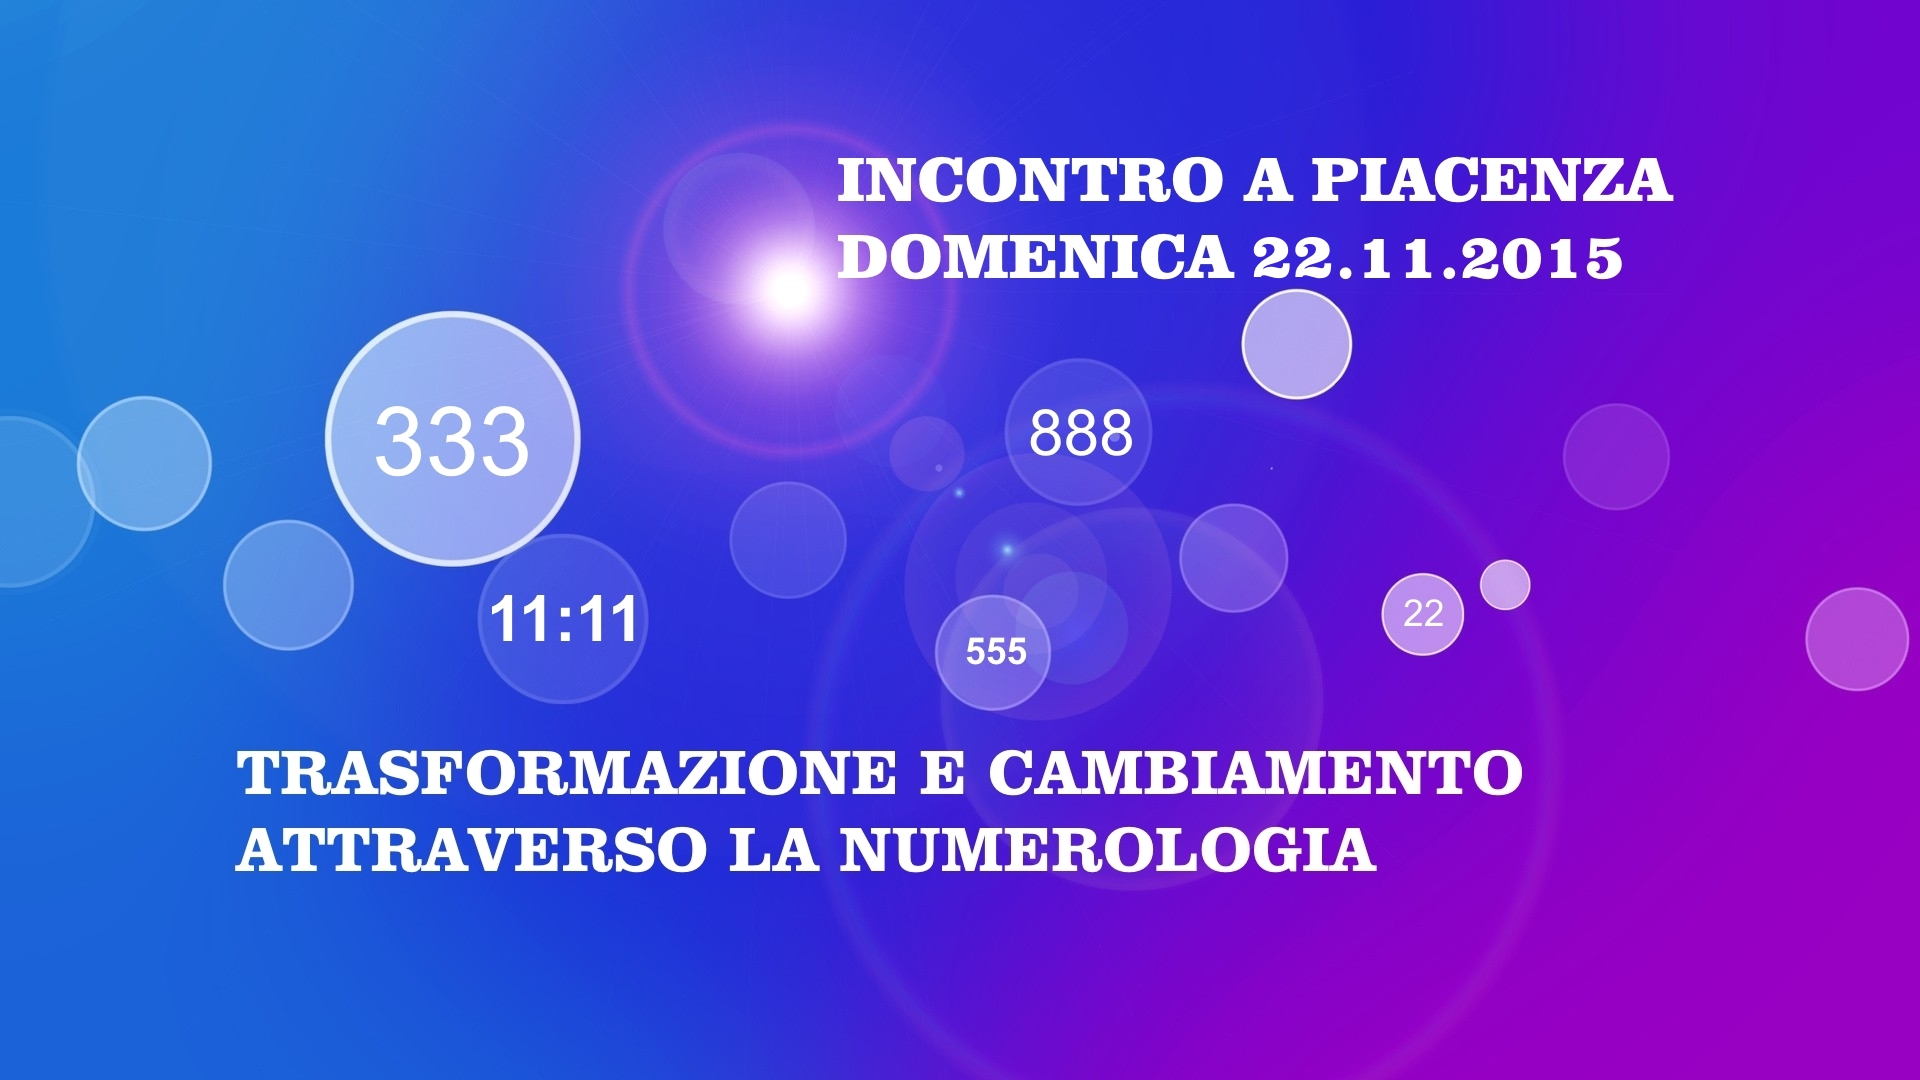 22.11.2015 – INCONTRO A PIACENZA: L'ARMONIA UNIVERSALE E'… IL CAMBIAMENTO!